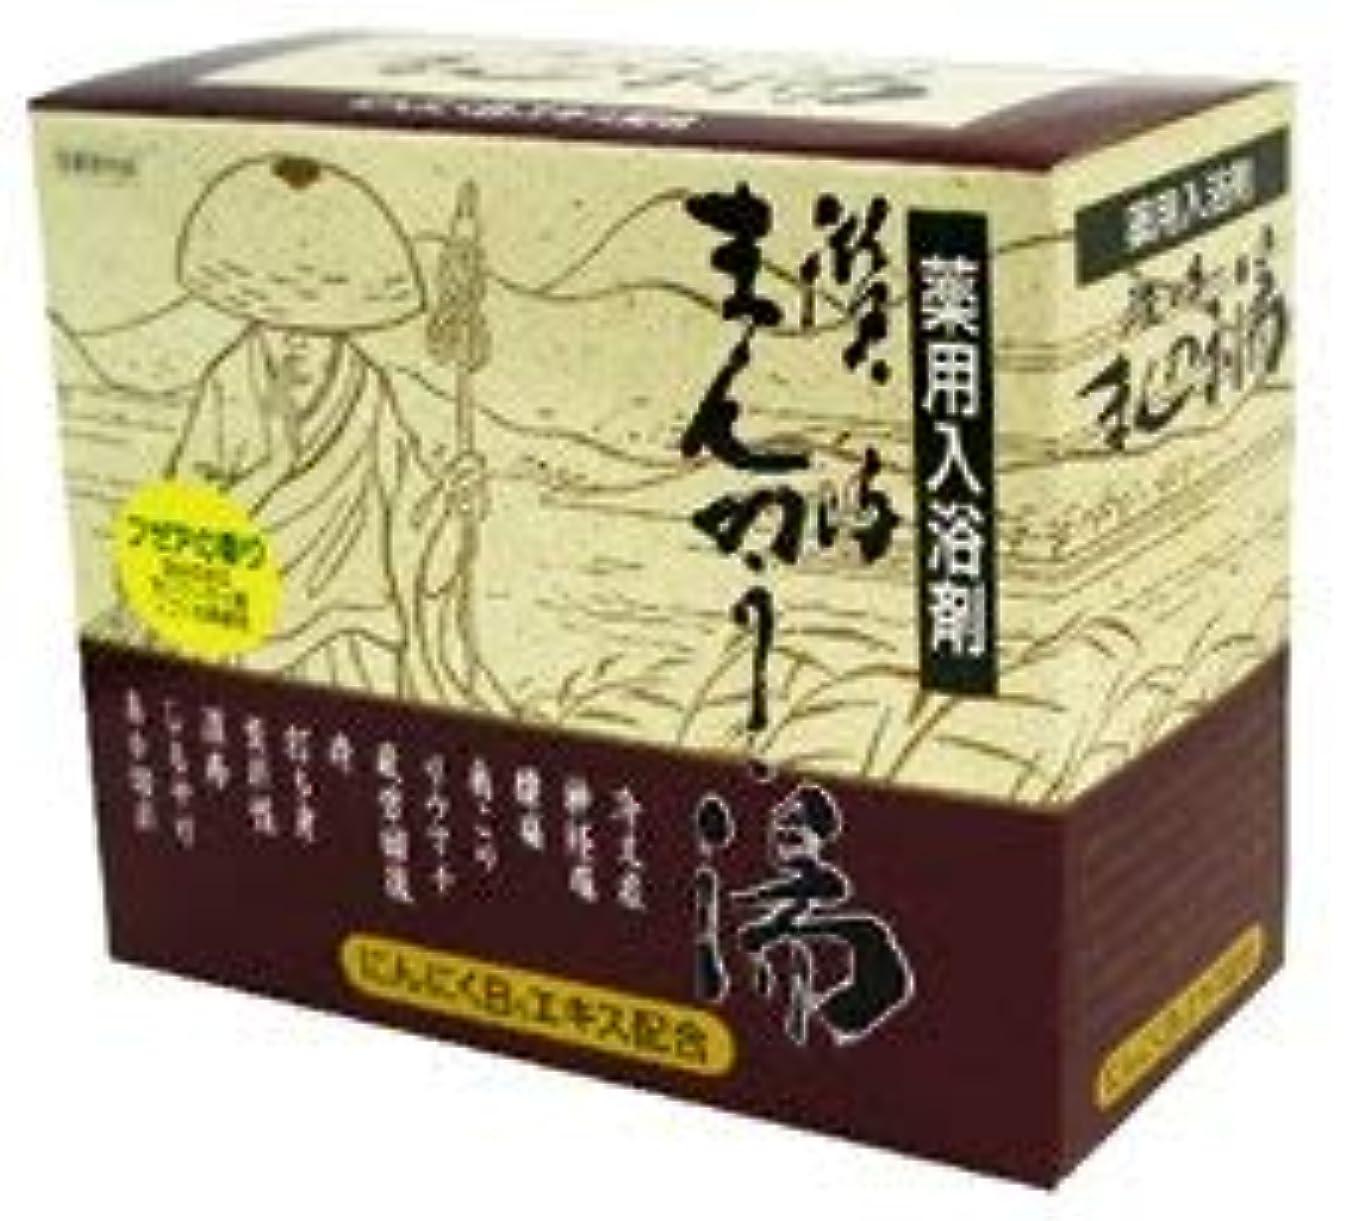 主流情緒的レース薬用入浴剤 讃岐まんのう湯 30g×20包 2箱セット